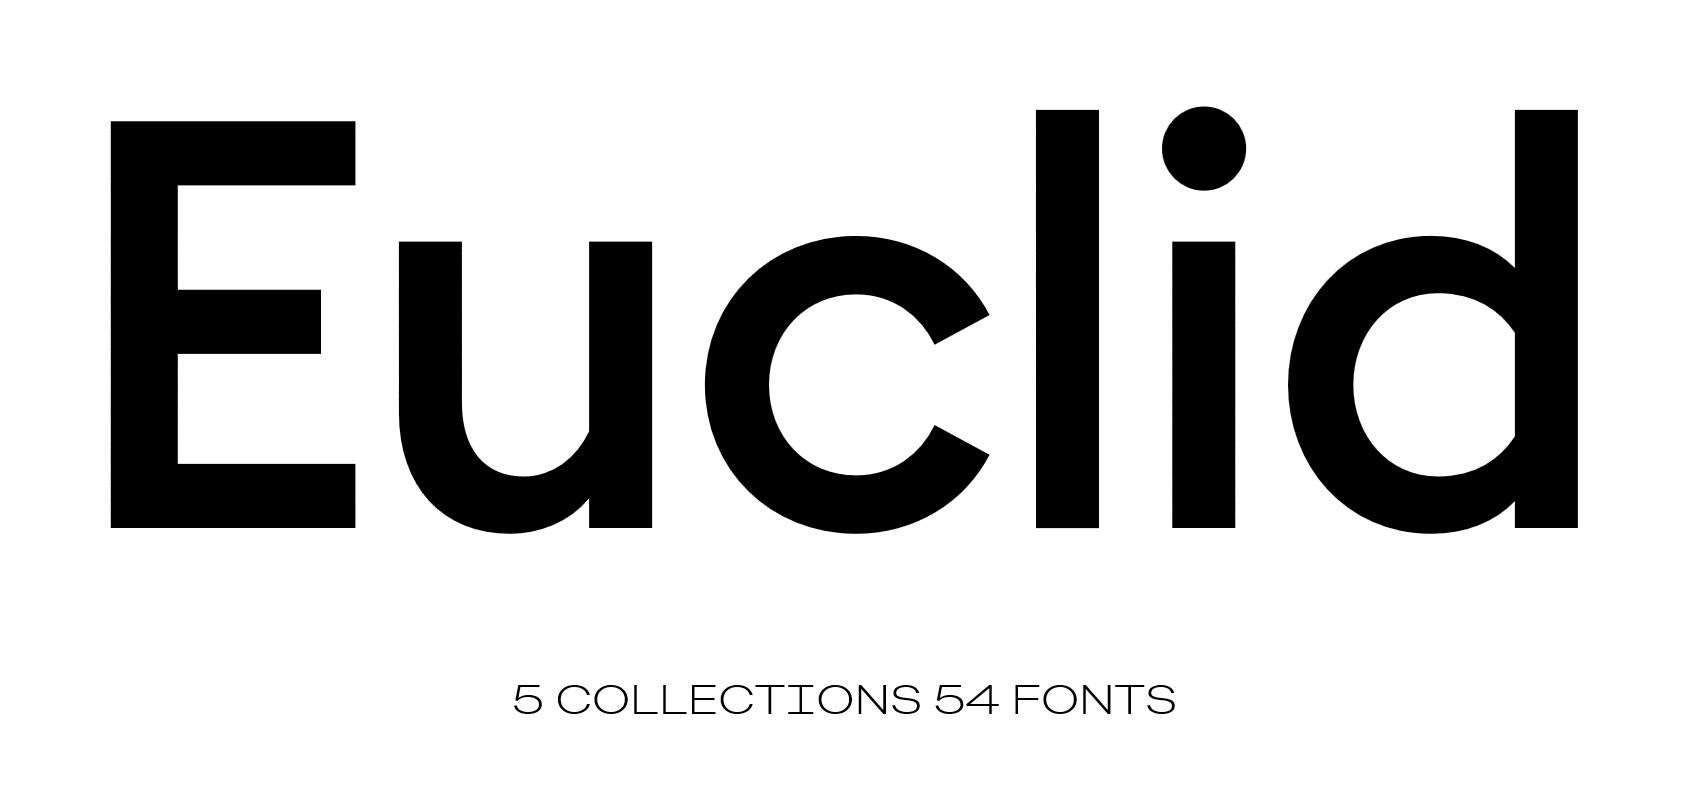 Семейство шрифтов Euclid